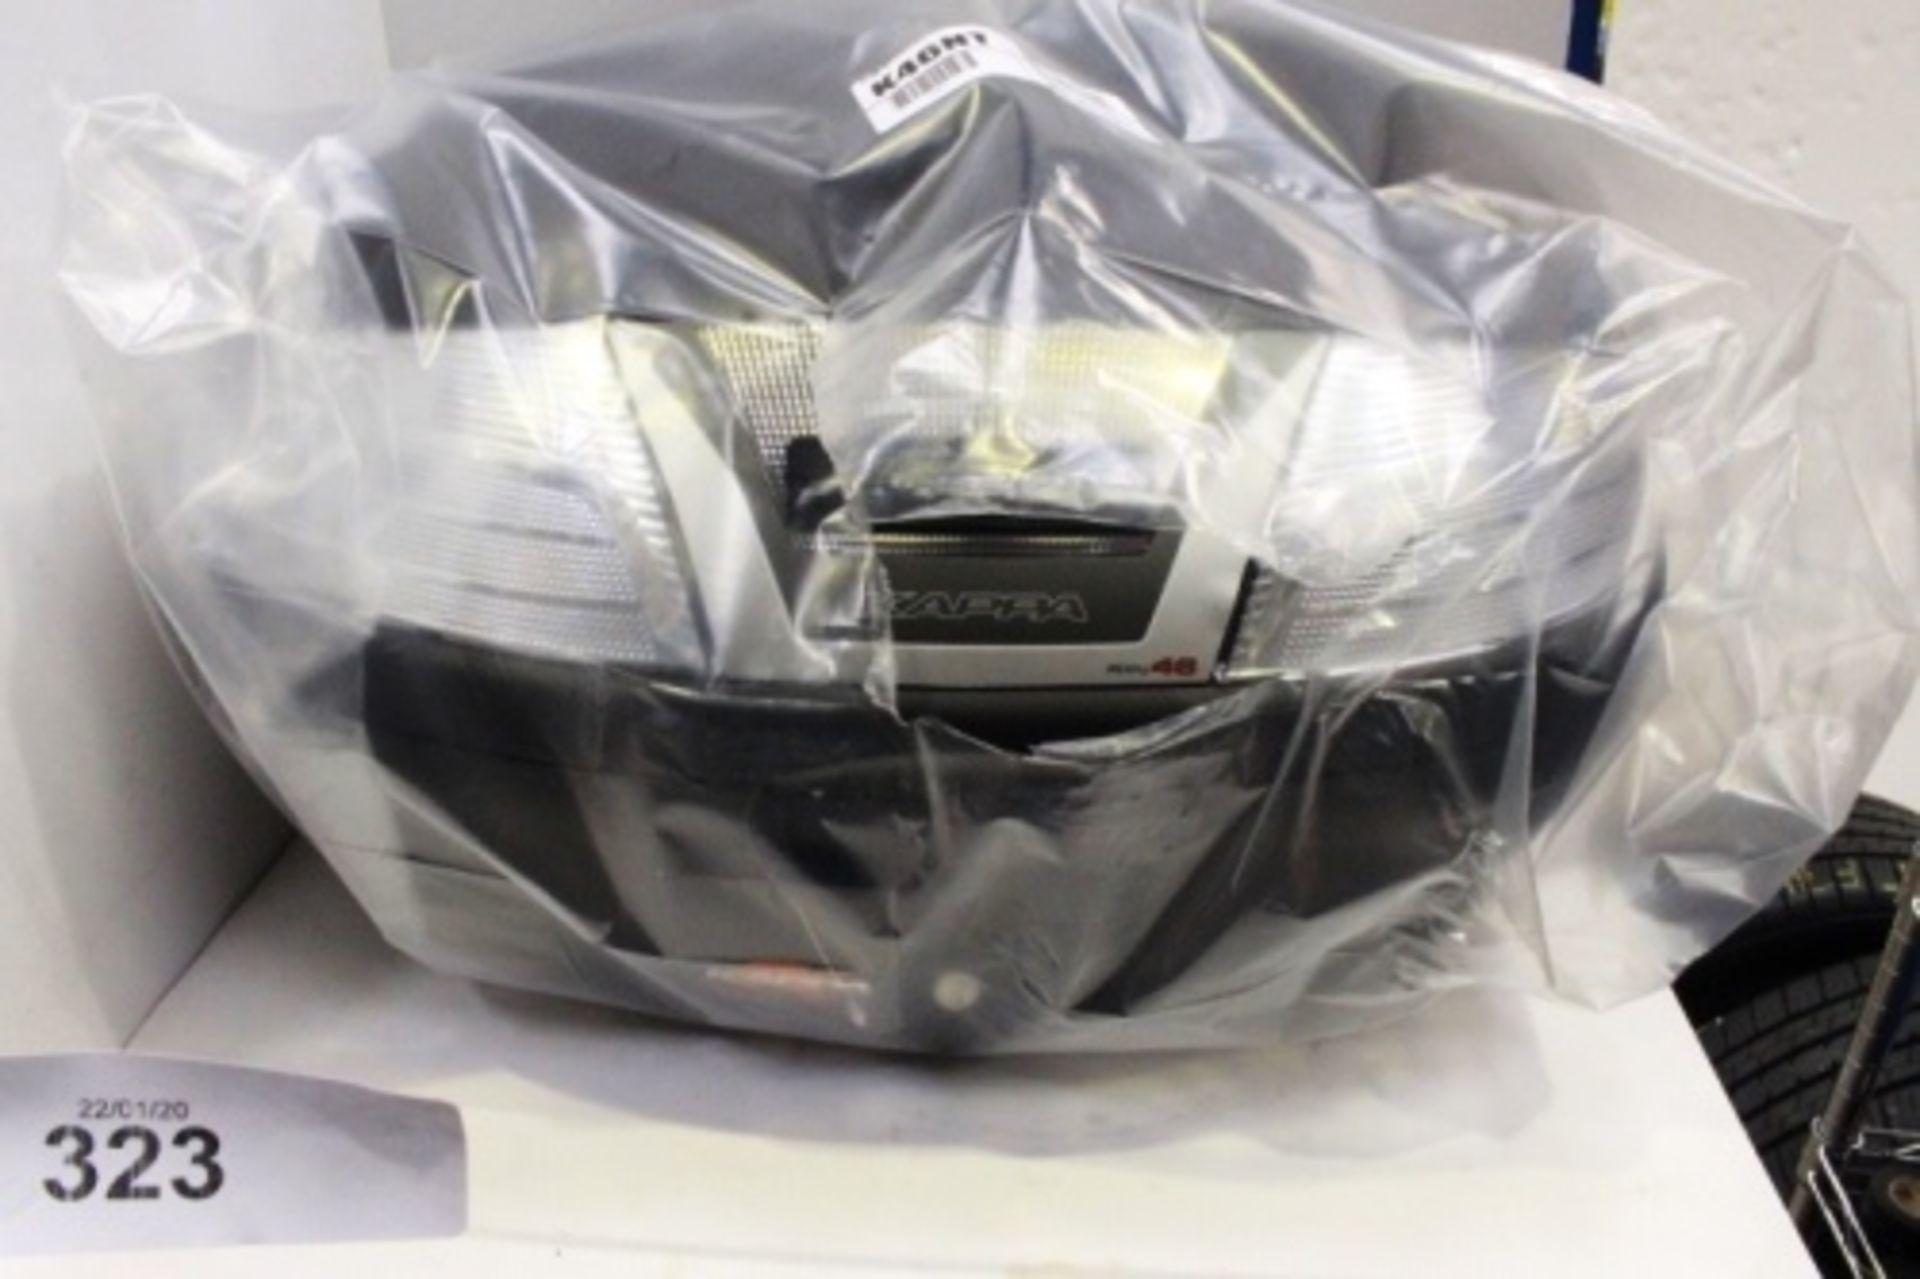 Lot 323 - A Kappa Valigia Zippy 46 motorbike storage box - New in box (GS7)